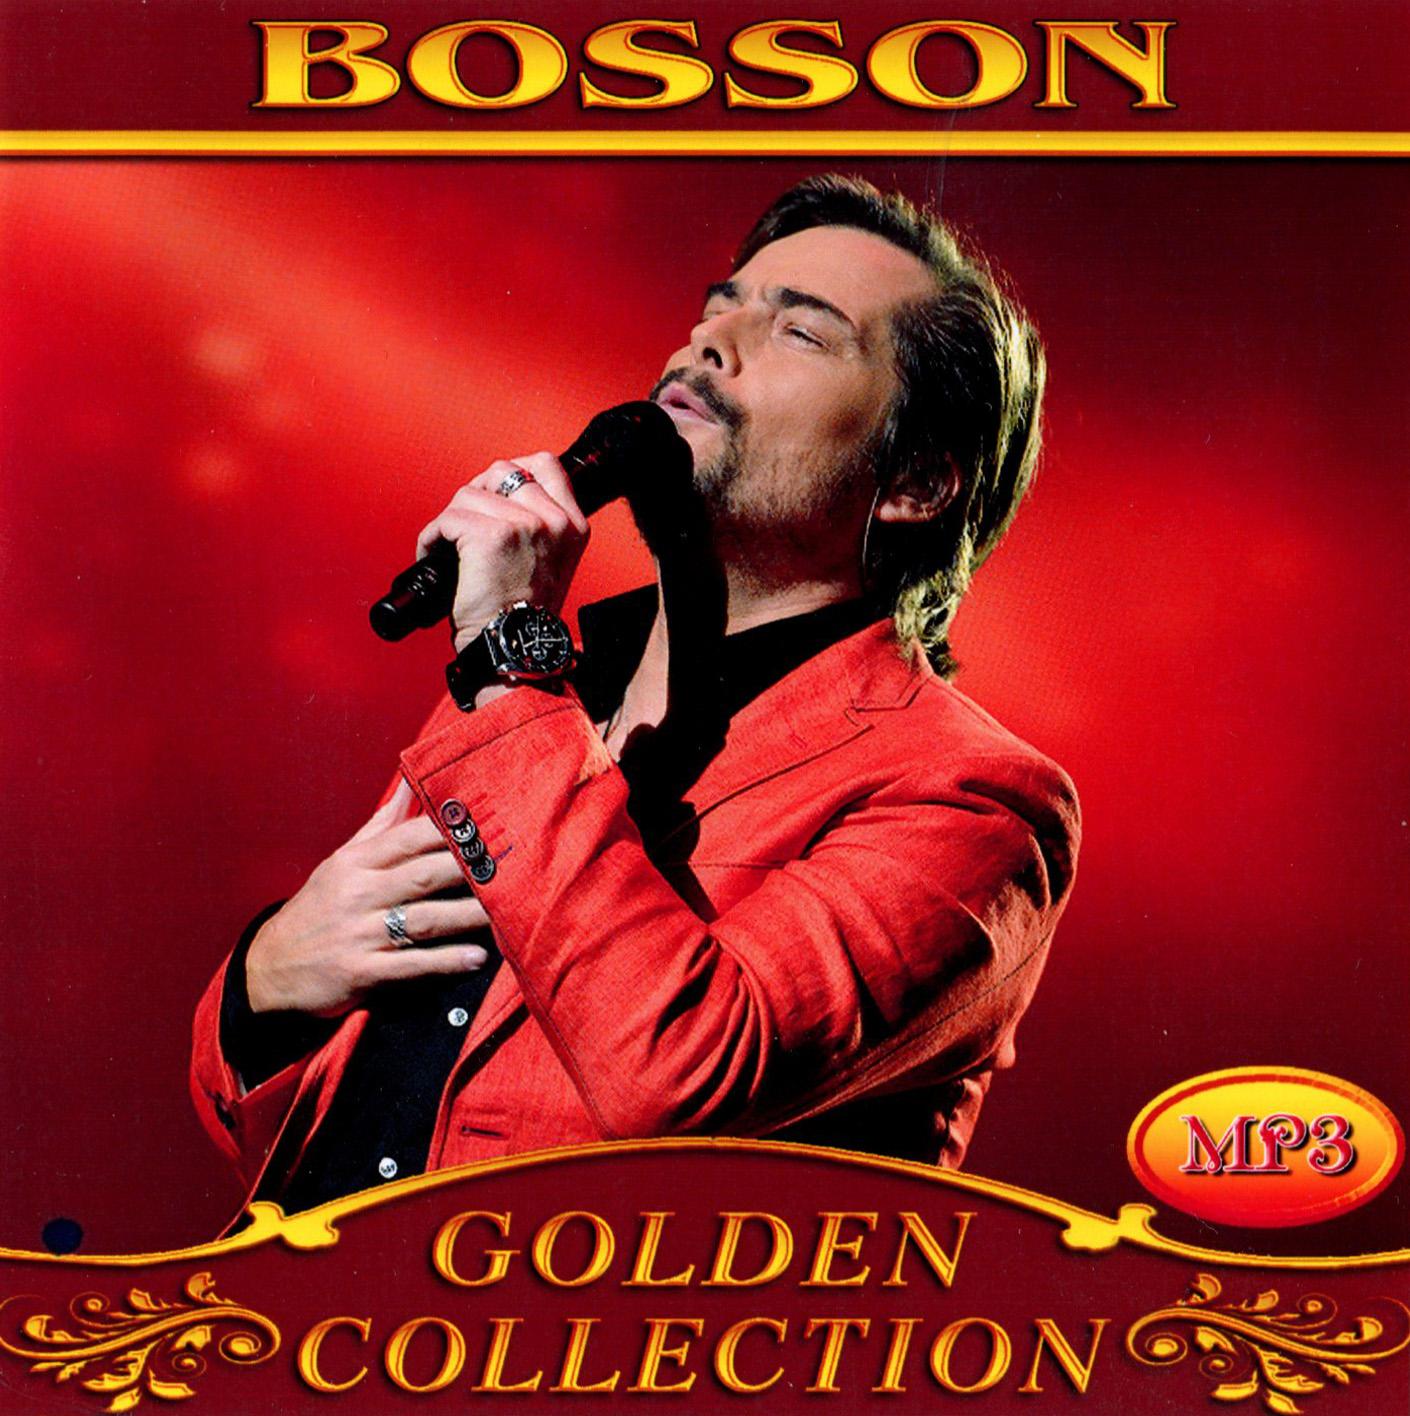 Bosson [mp3]